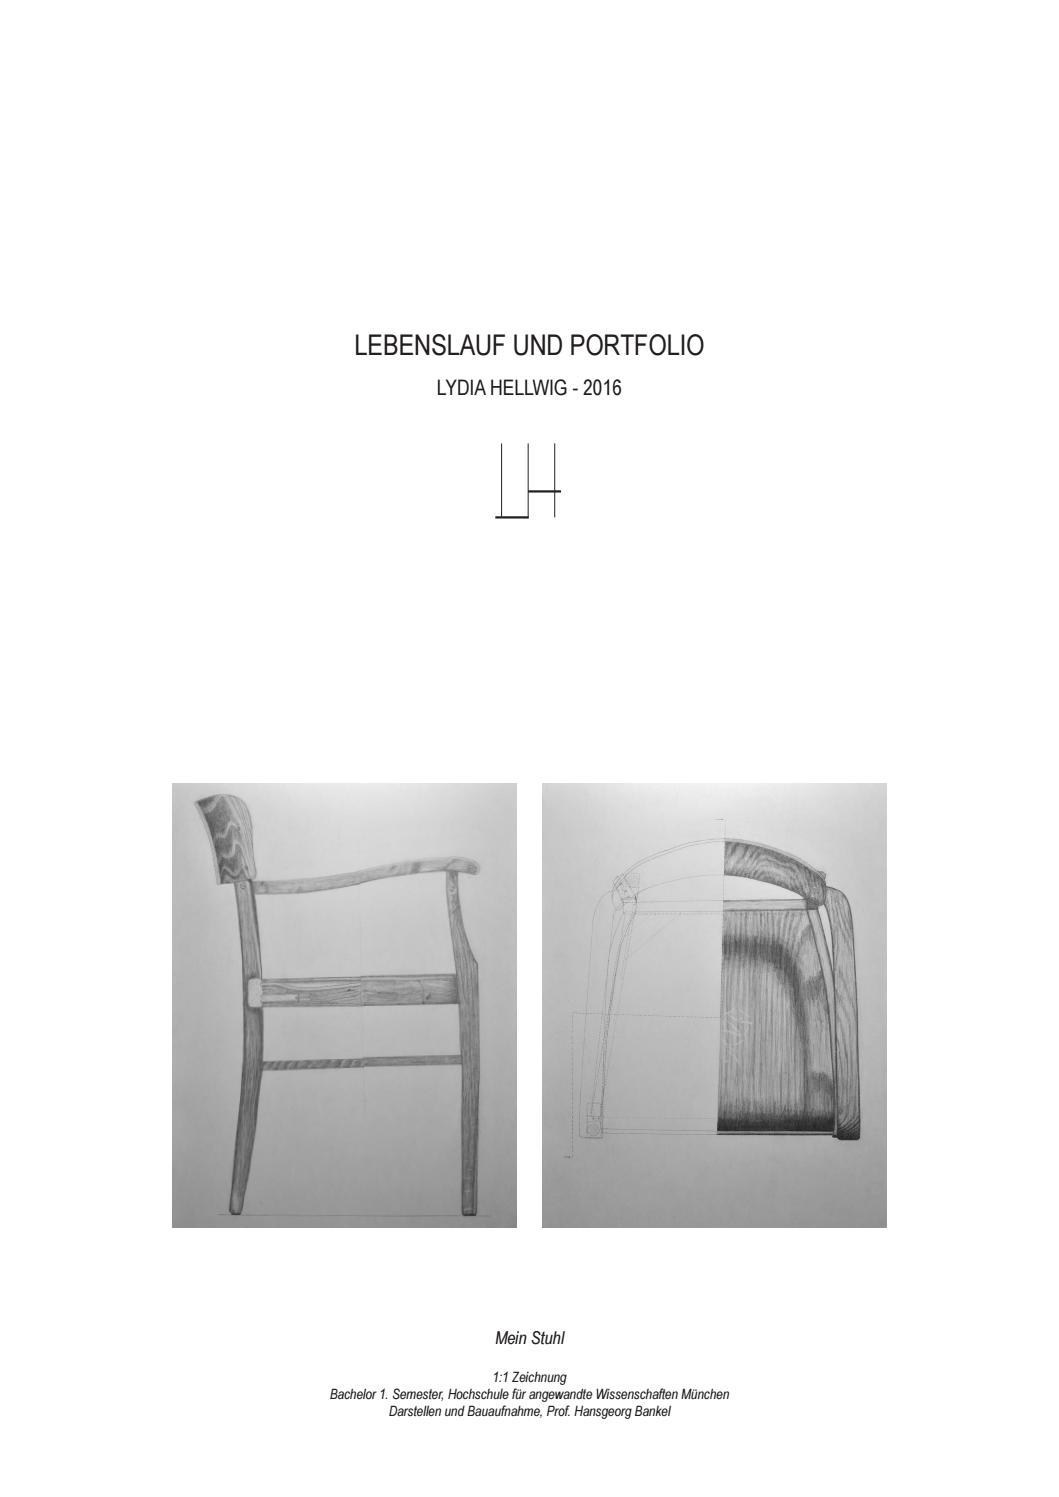 Lebenslauf und Portfolio by Lydia Hellwig - issuu